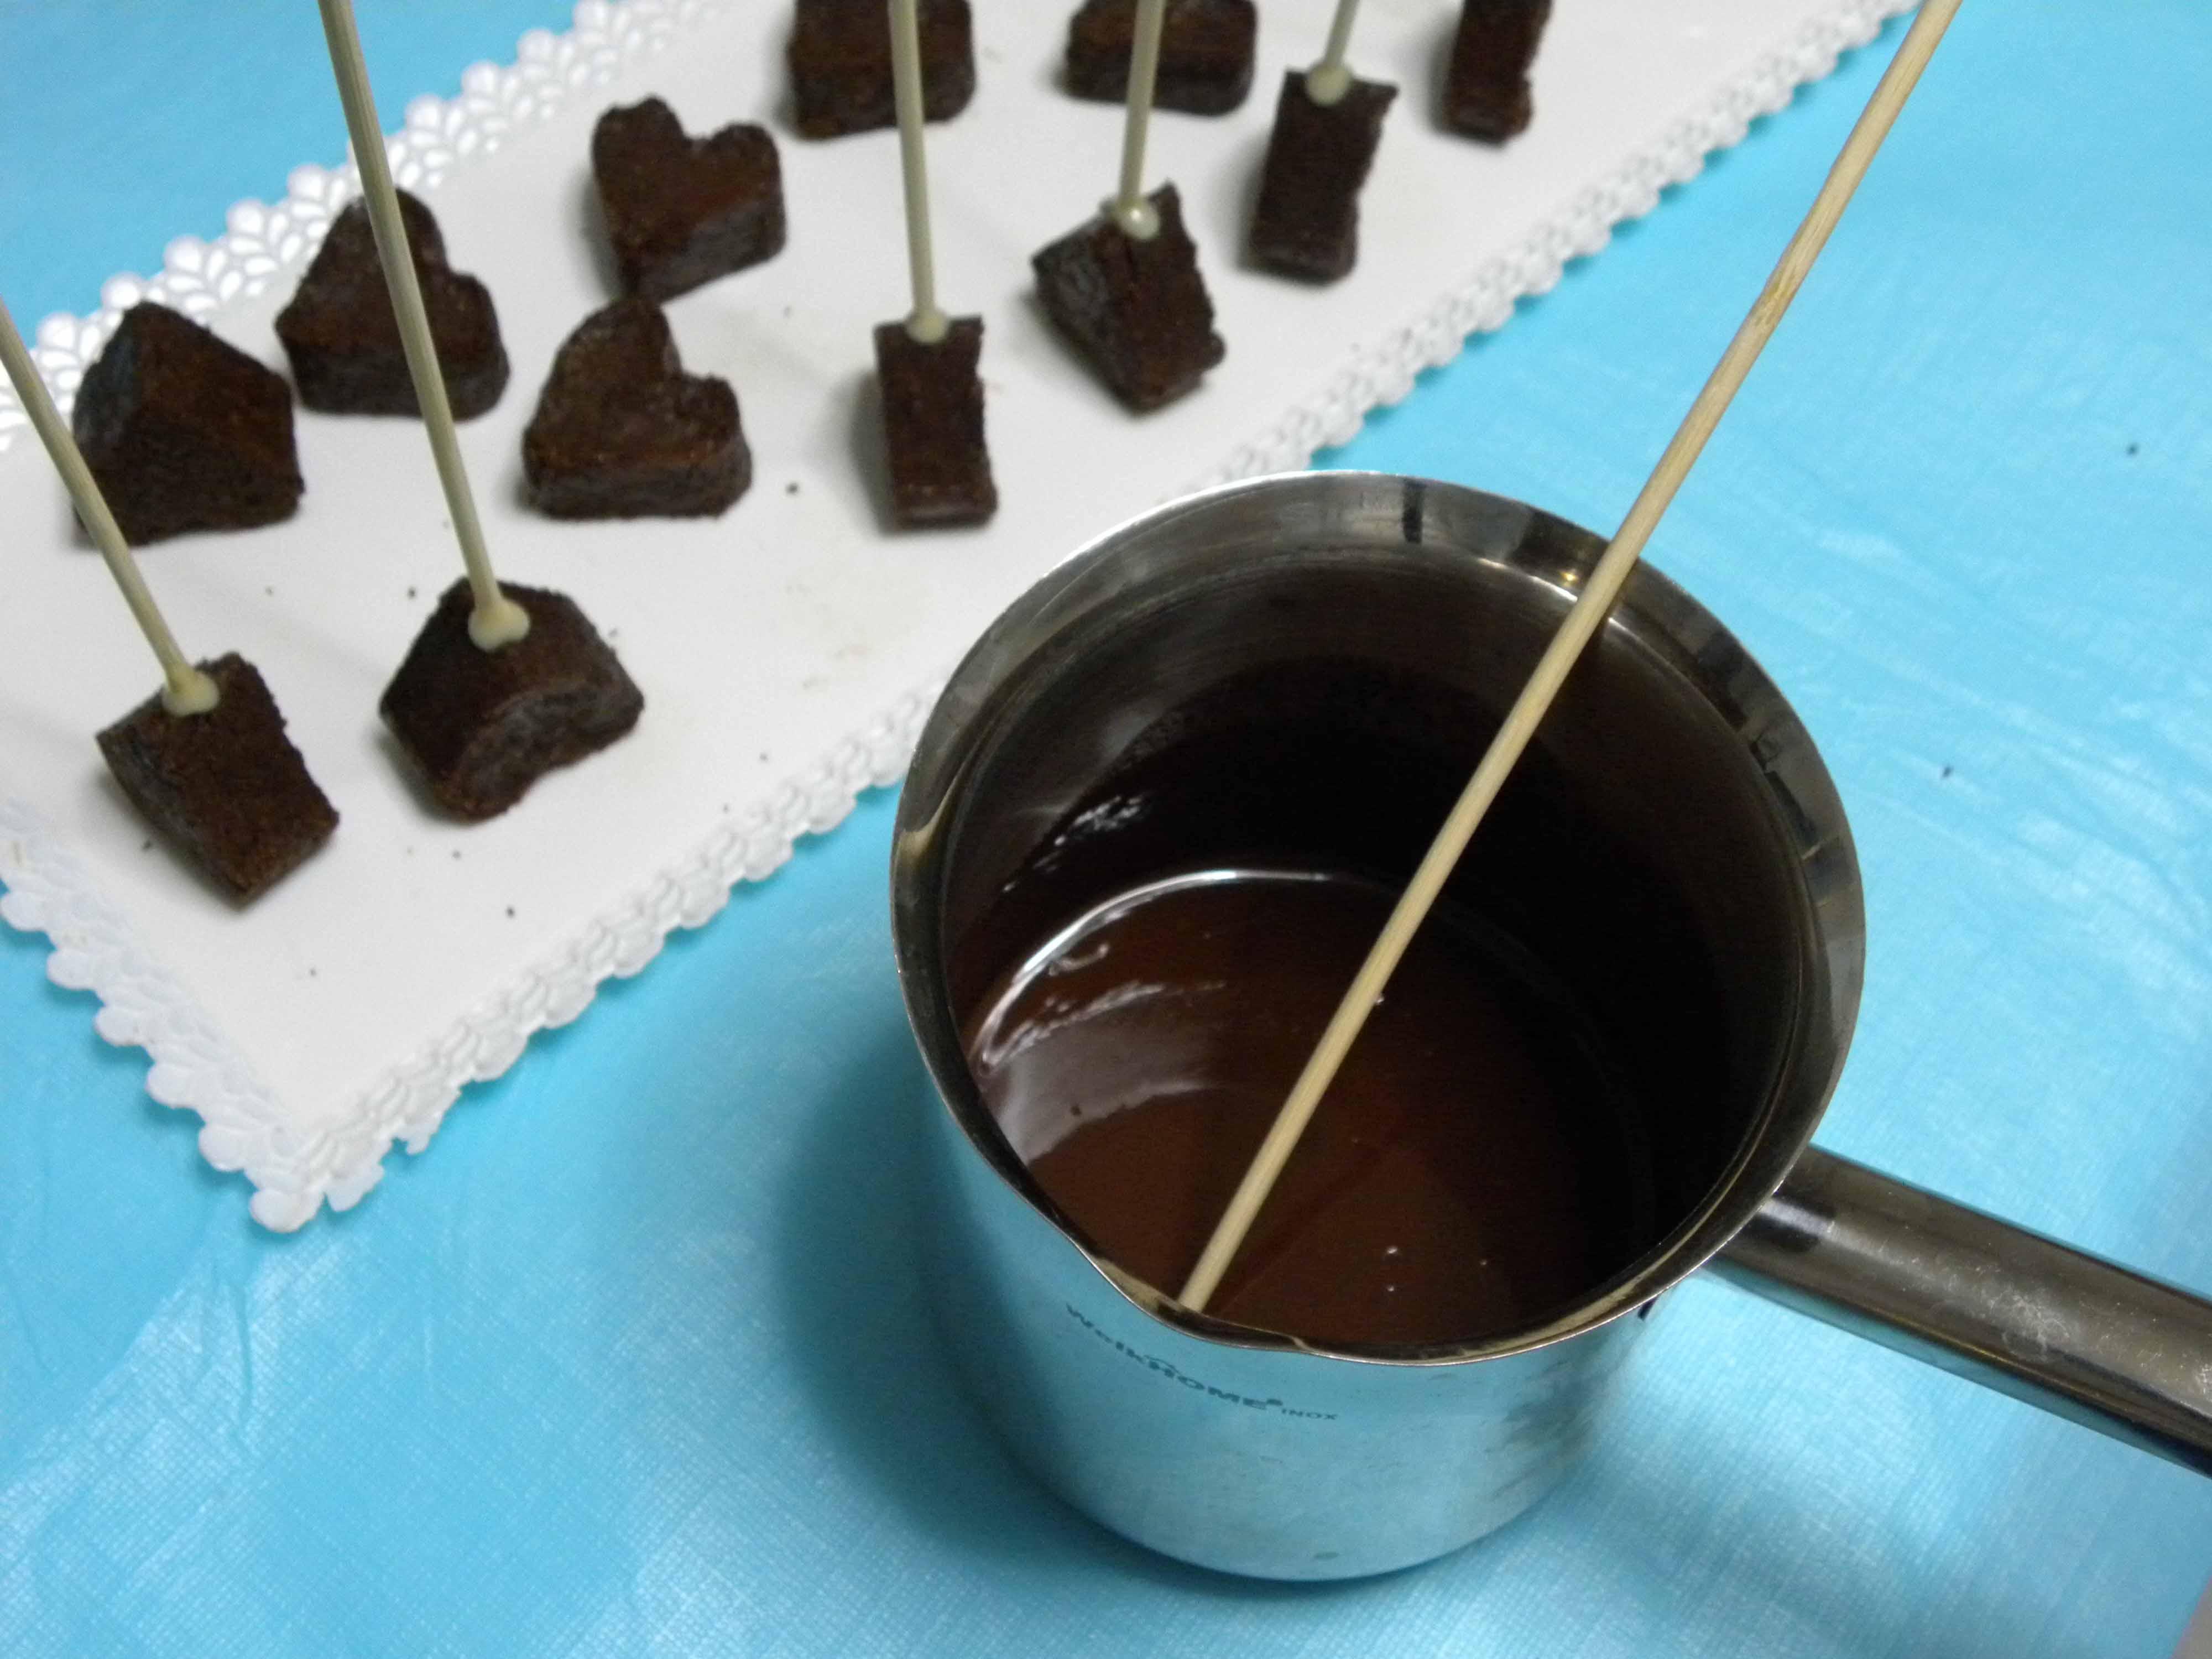 Intingere uno stecchino nel Cioccolato fuso e Fissarlo alla Base dei Cuori